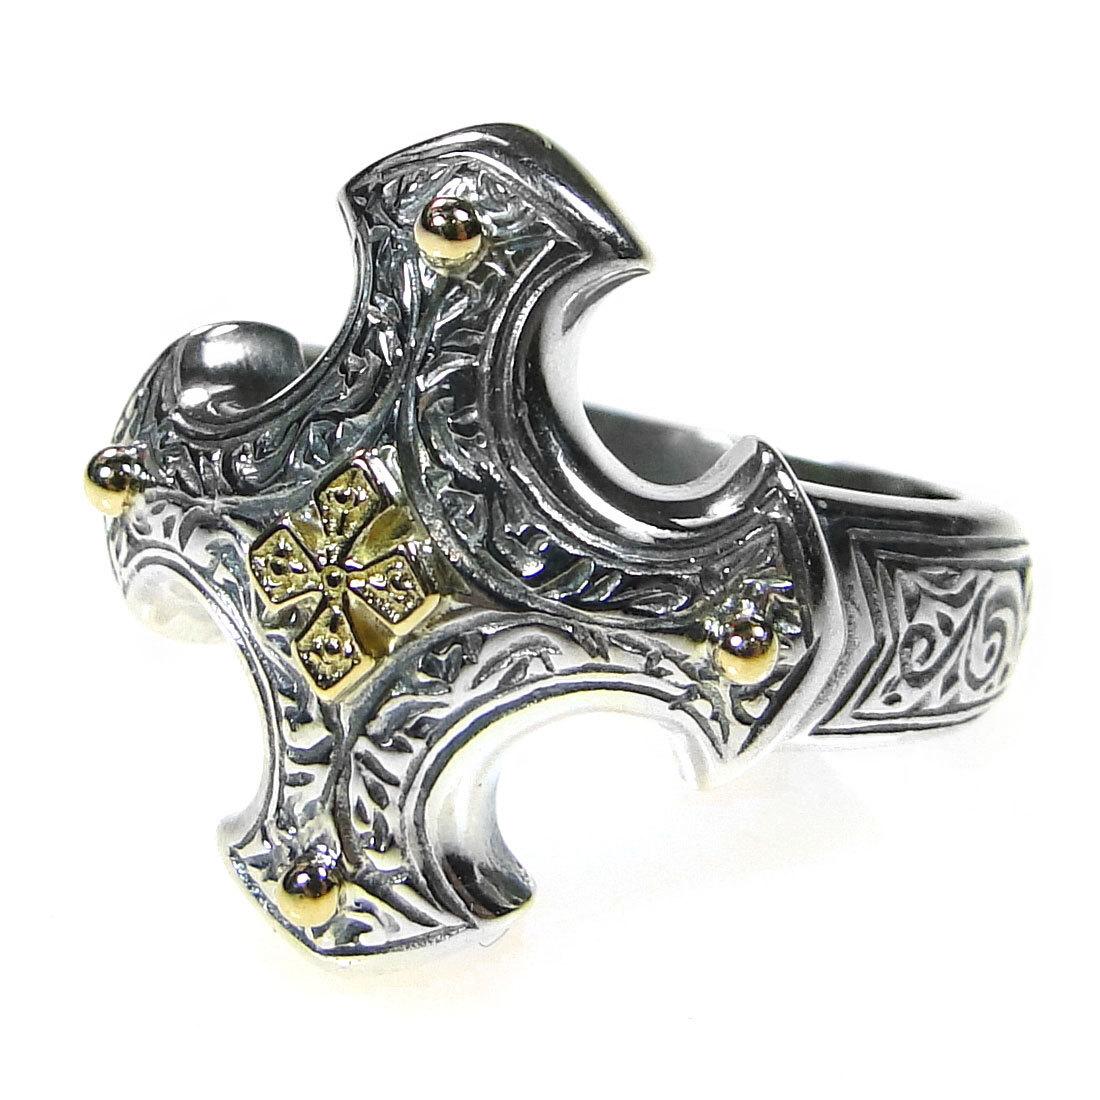 02002713 gerochristo 2713 medieval byzantine cross ring 1